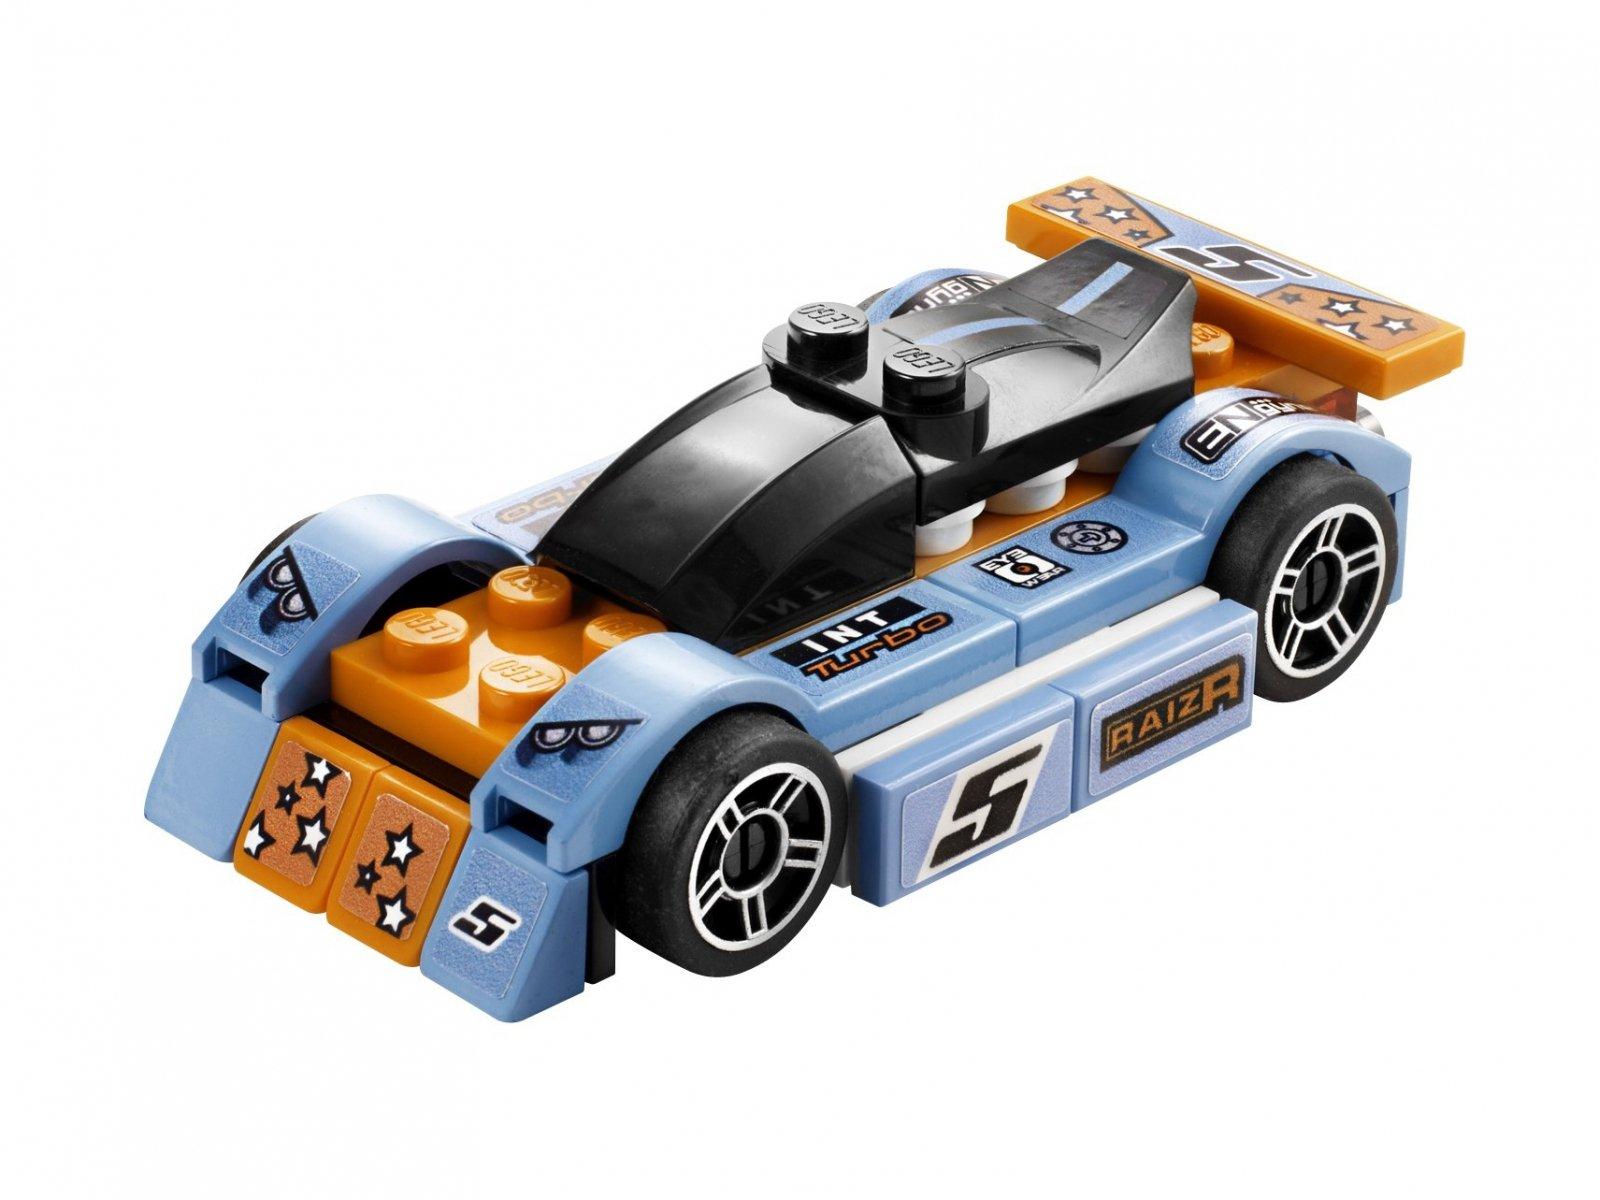 LEGO Racers Niebieski Pocisk 8193